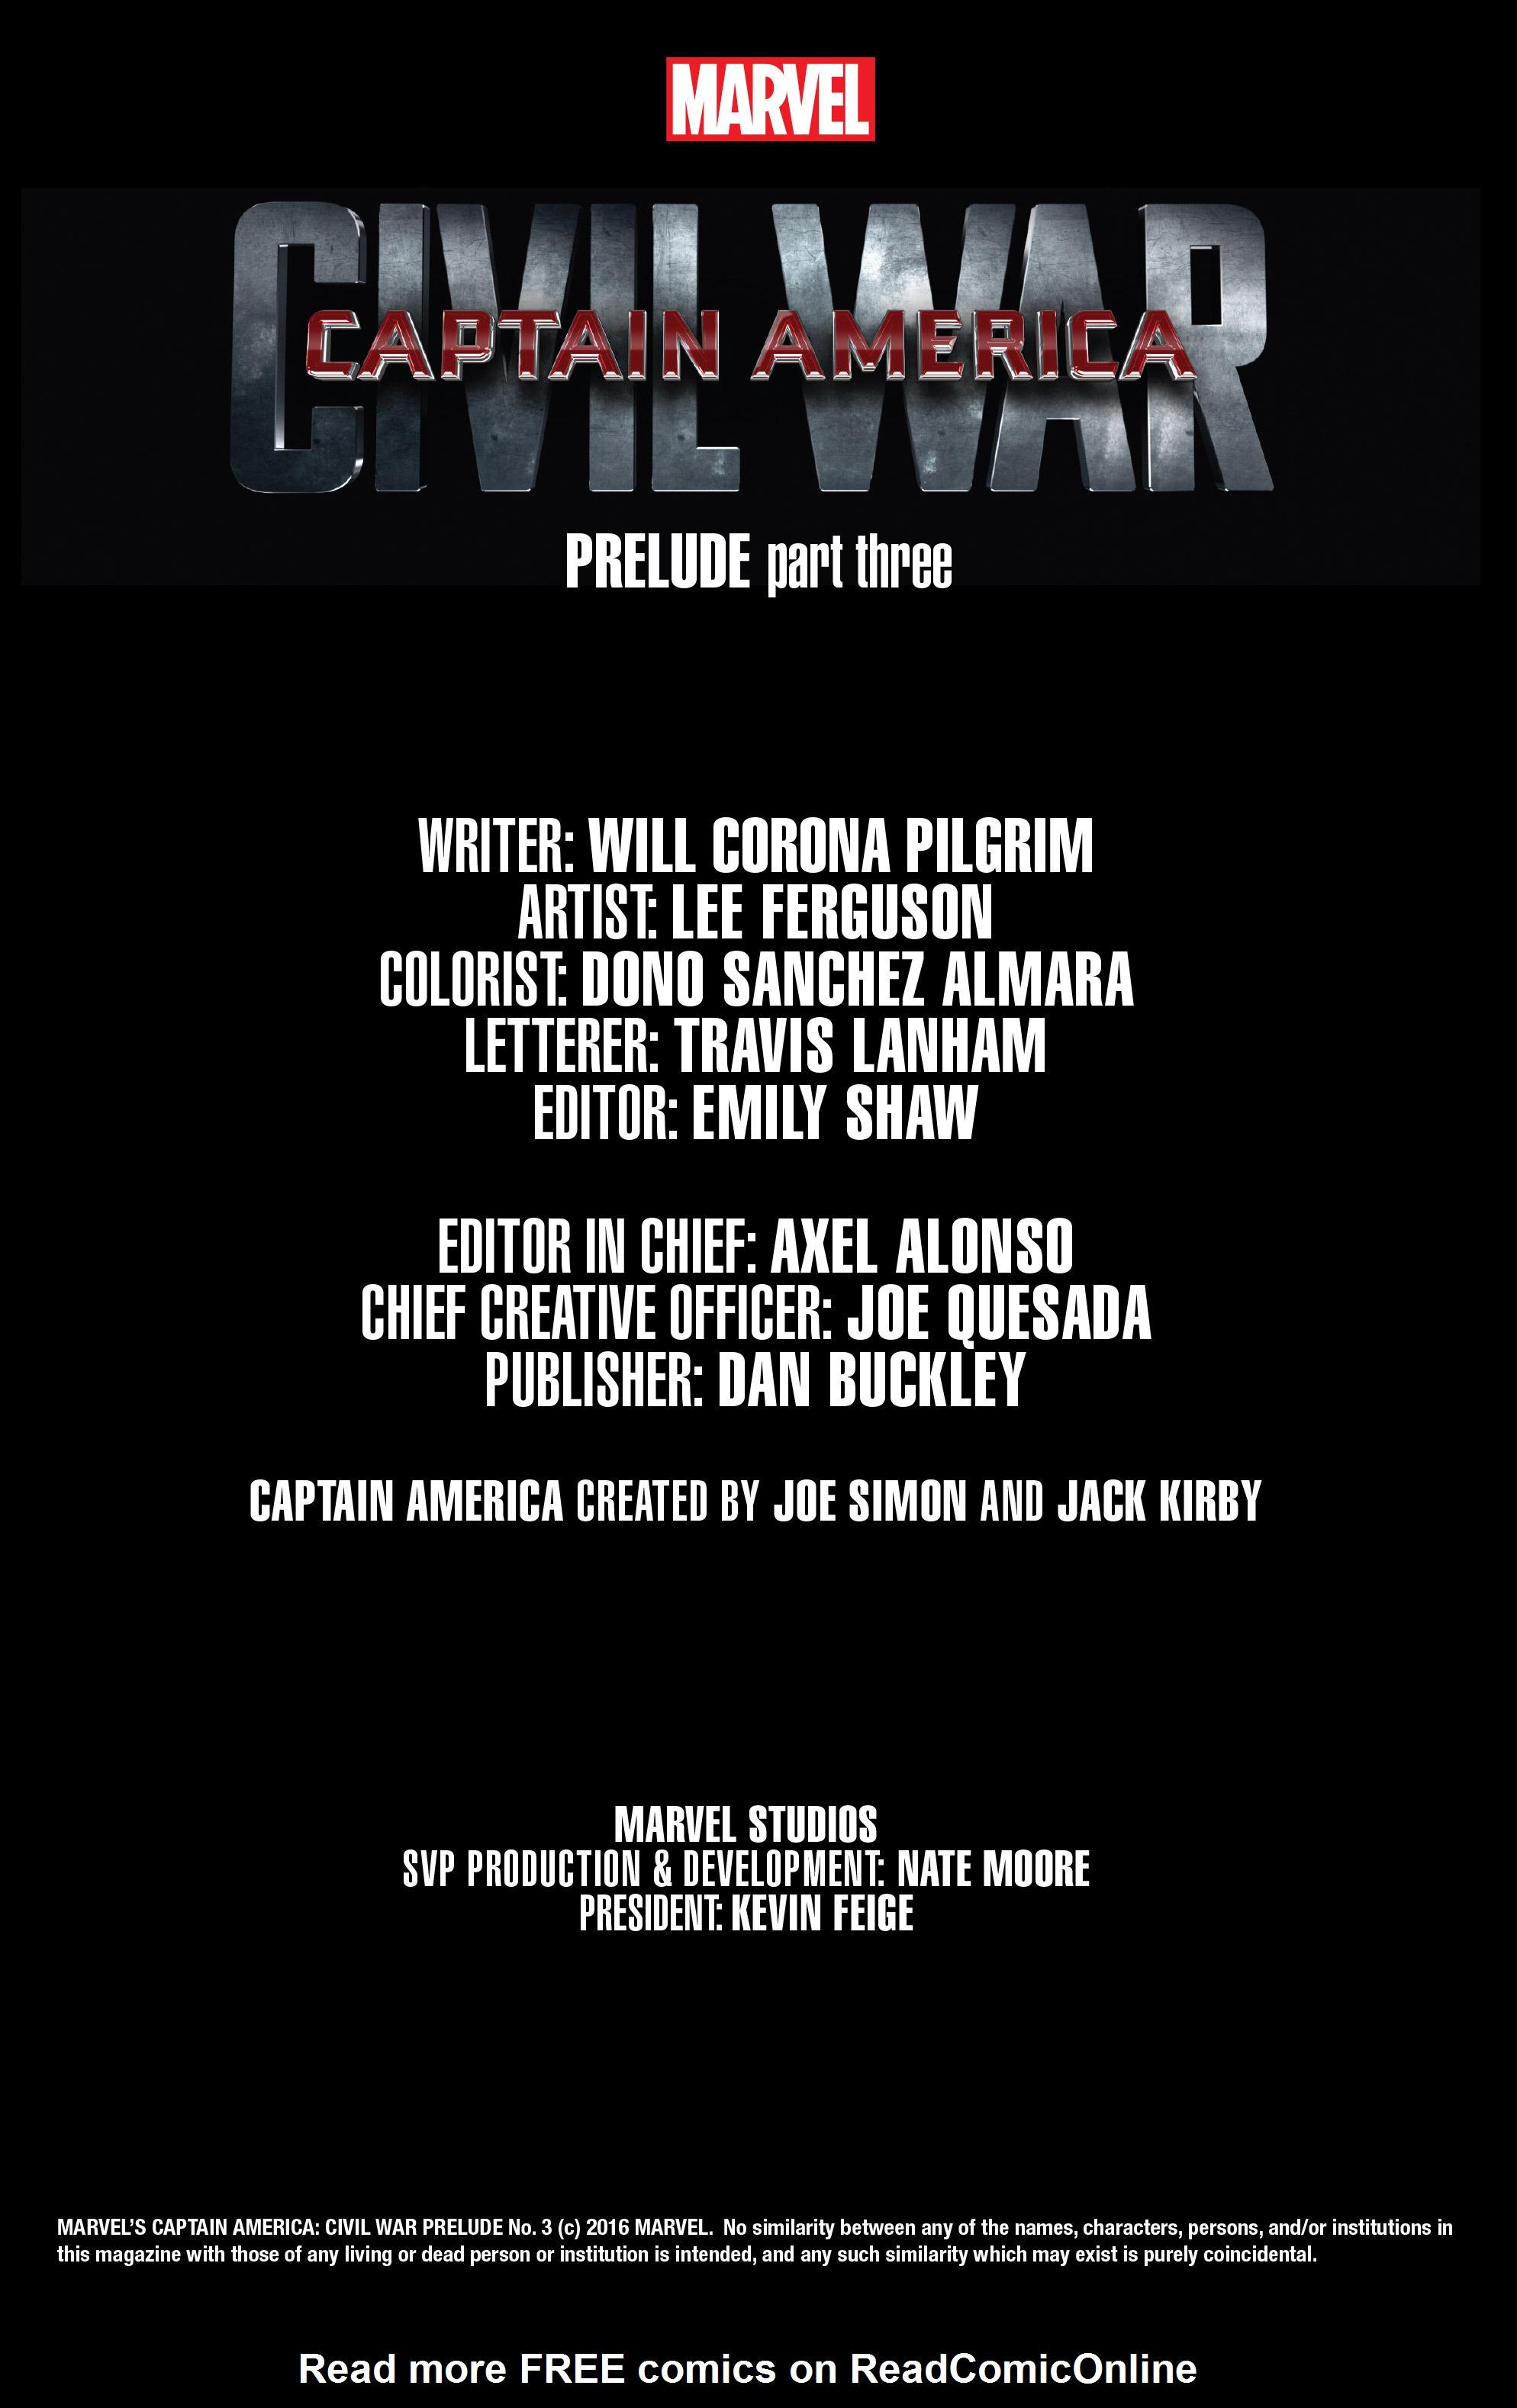 Read online Captain America: Civil War Prelude comic -  Issue #3 - 2